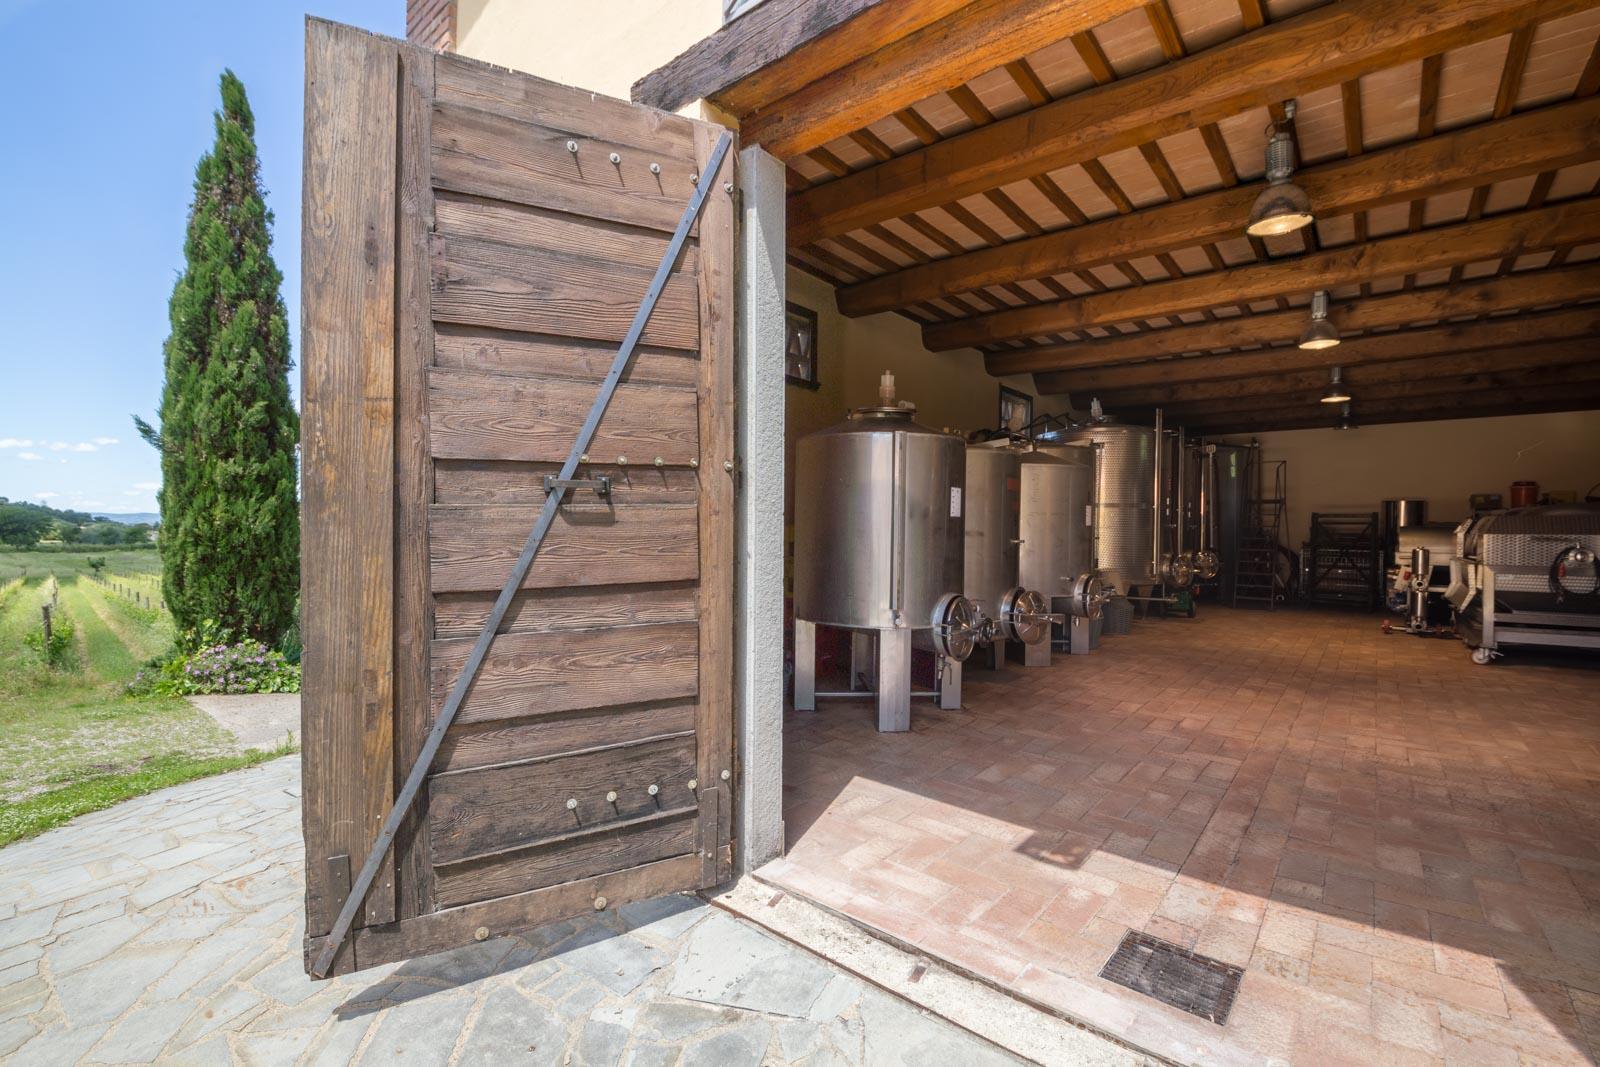 L'azienda vinicola biologica in vendita con agriturismo ben avviato vicino a Cortona in Toscana